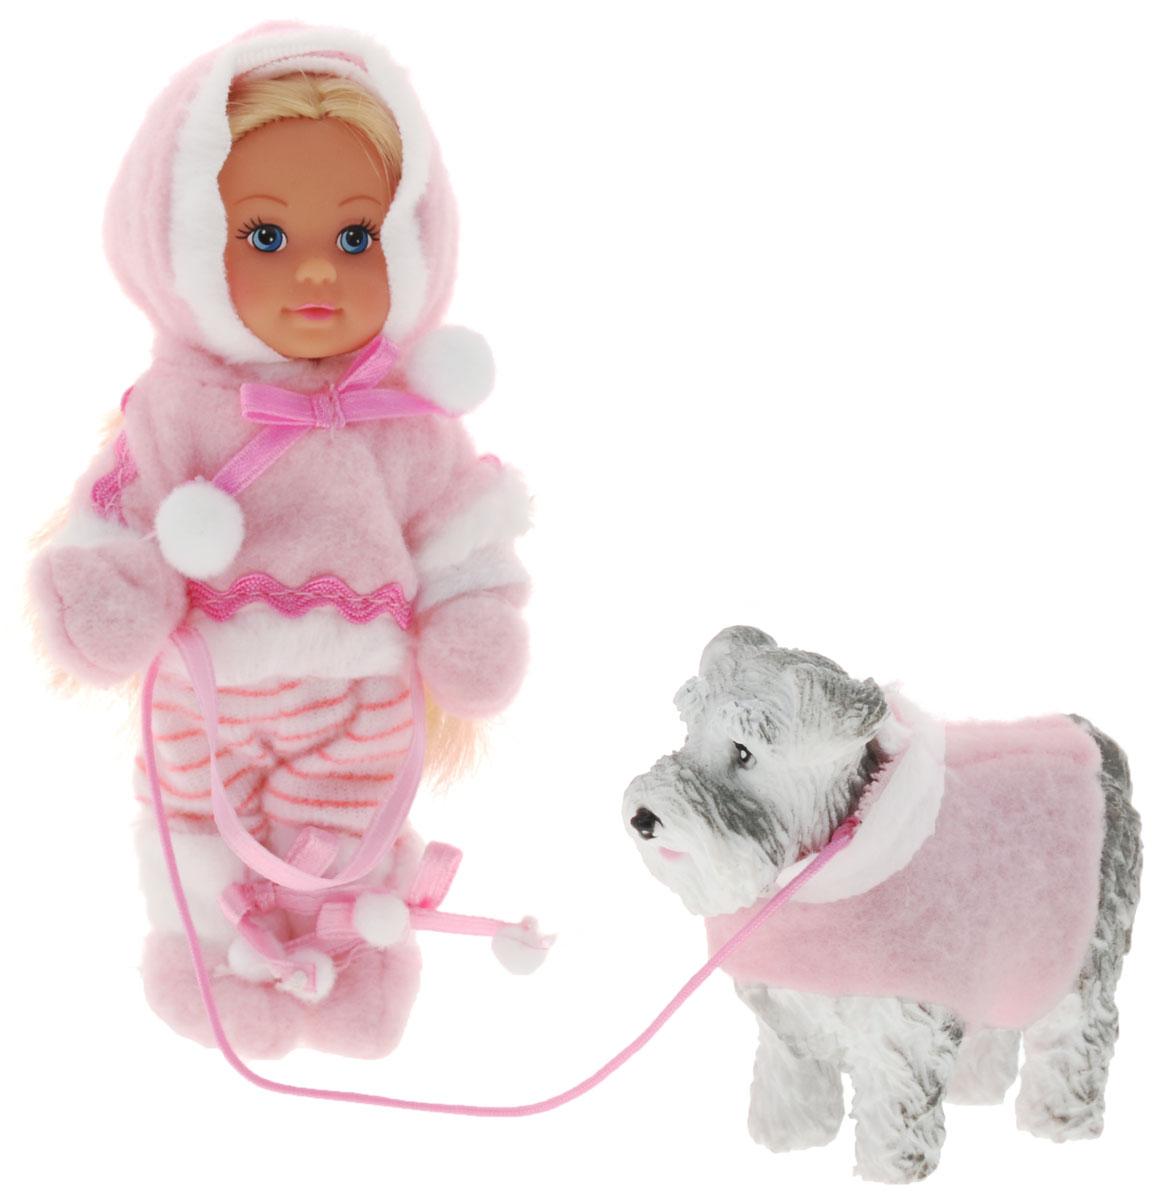 Simba Мини-кукла Еви на зимней прогулке с собачкой5735996_розовый костюмКукла Simba Еви на зимней прогулке с собачкой порадует любую девочку и надолго увлечет ее. В комплект входит куколка Еви и ее питомец - большая серая собака в зимней одежде. Малышка Еви одета в розовый теплый костюмчик, шапочку и варежки. На ногах у нее - розовые мягкие сапожки. Вашей дочурке непременно понравится заплетать длинные белокурые волосы куклы, придумывая разнообразные прически. Руки, ноги и голова куклы подвижны, благодаря чему ей можно придавать разнообразные позы. Игры с куклой способствуют эмоциональному развитию, помогают формировать воображение и художественный вкус, а также разовьют в вашей малышке чувство ответственности и заботы. Великолепное качество исполнения делают эту куколку чудесным подарком к любому празднику.